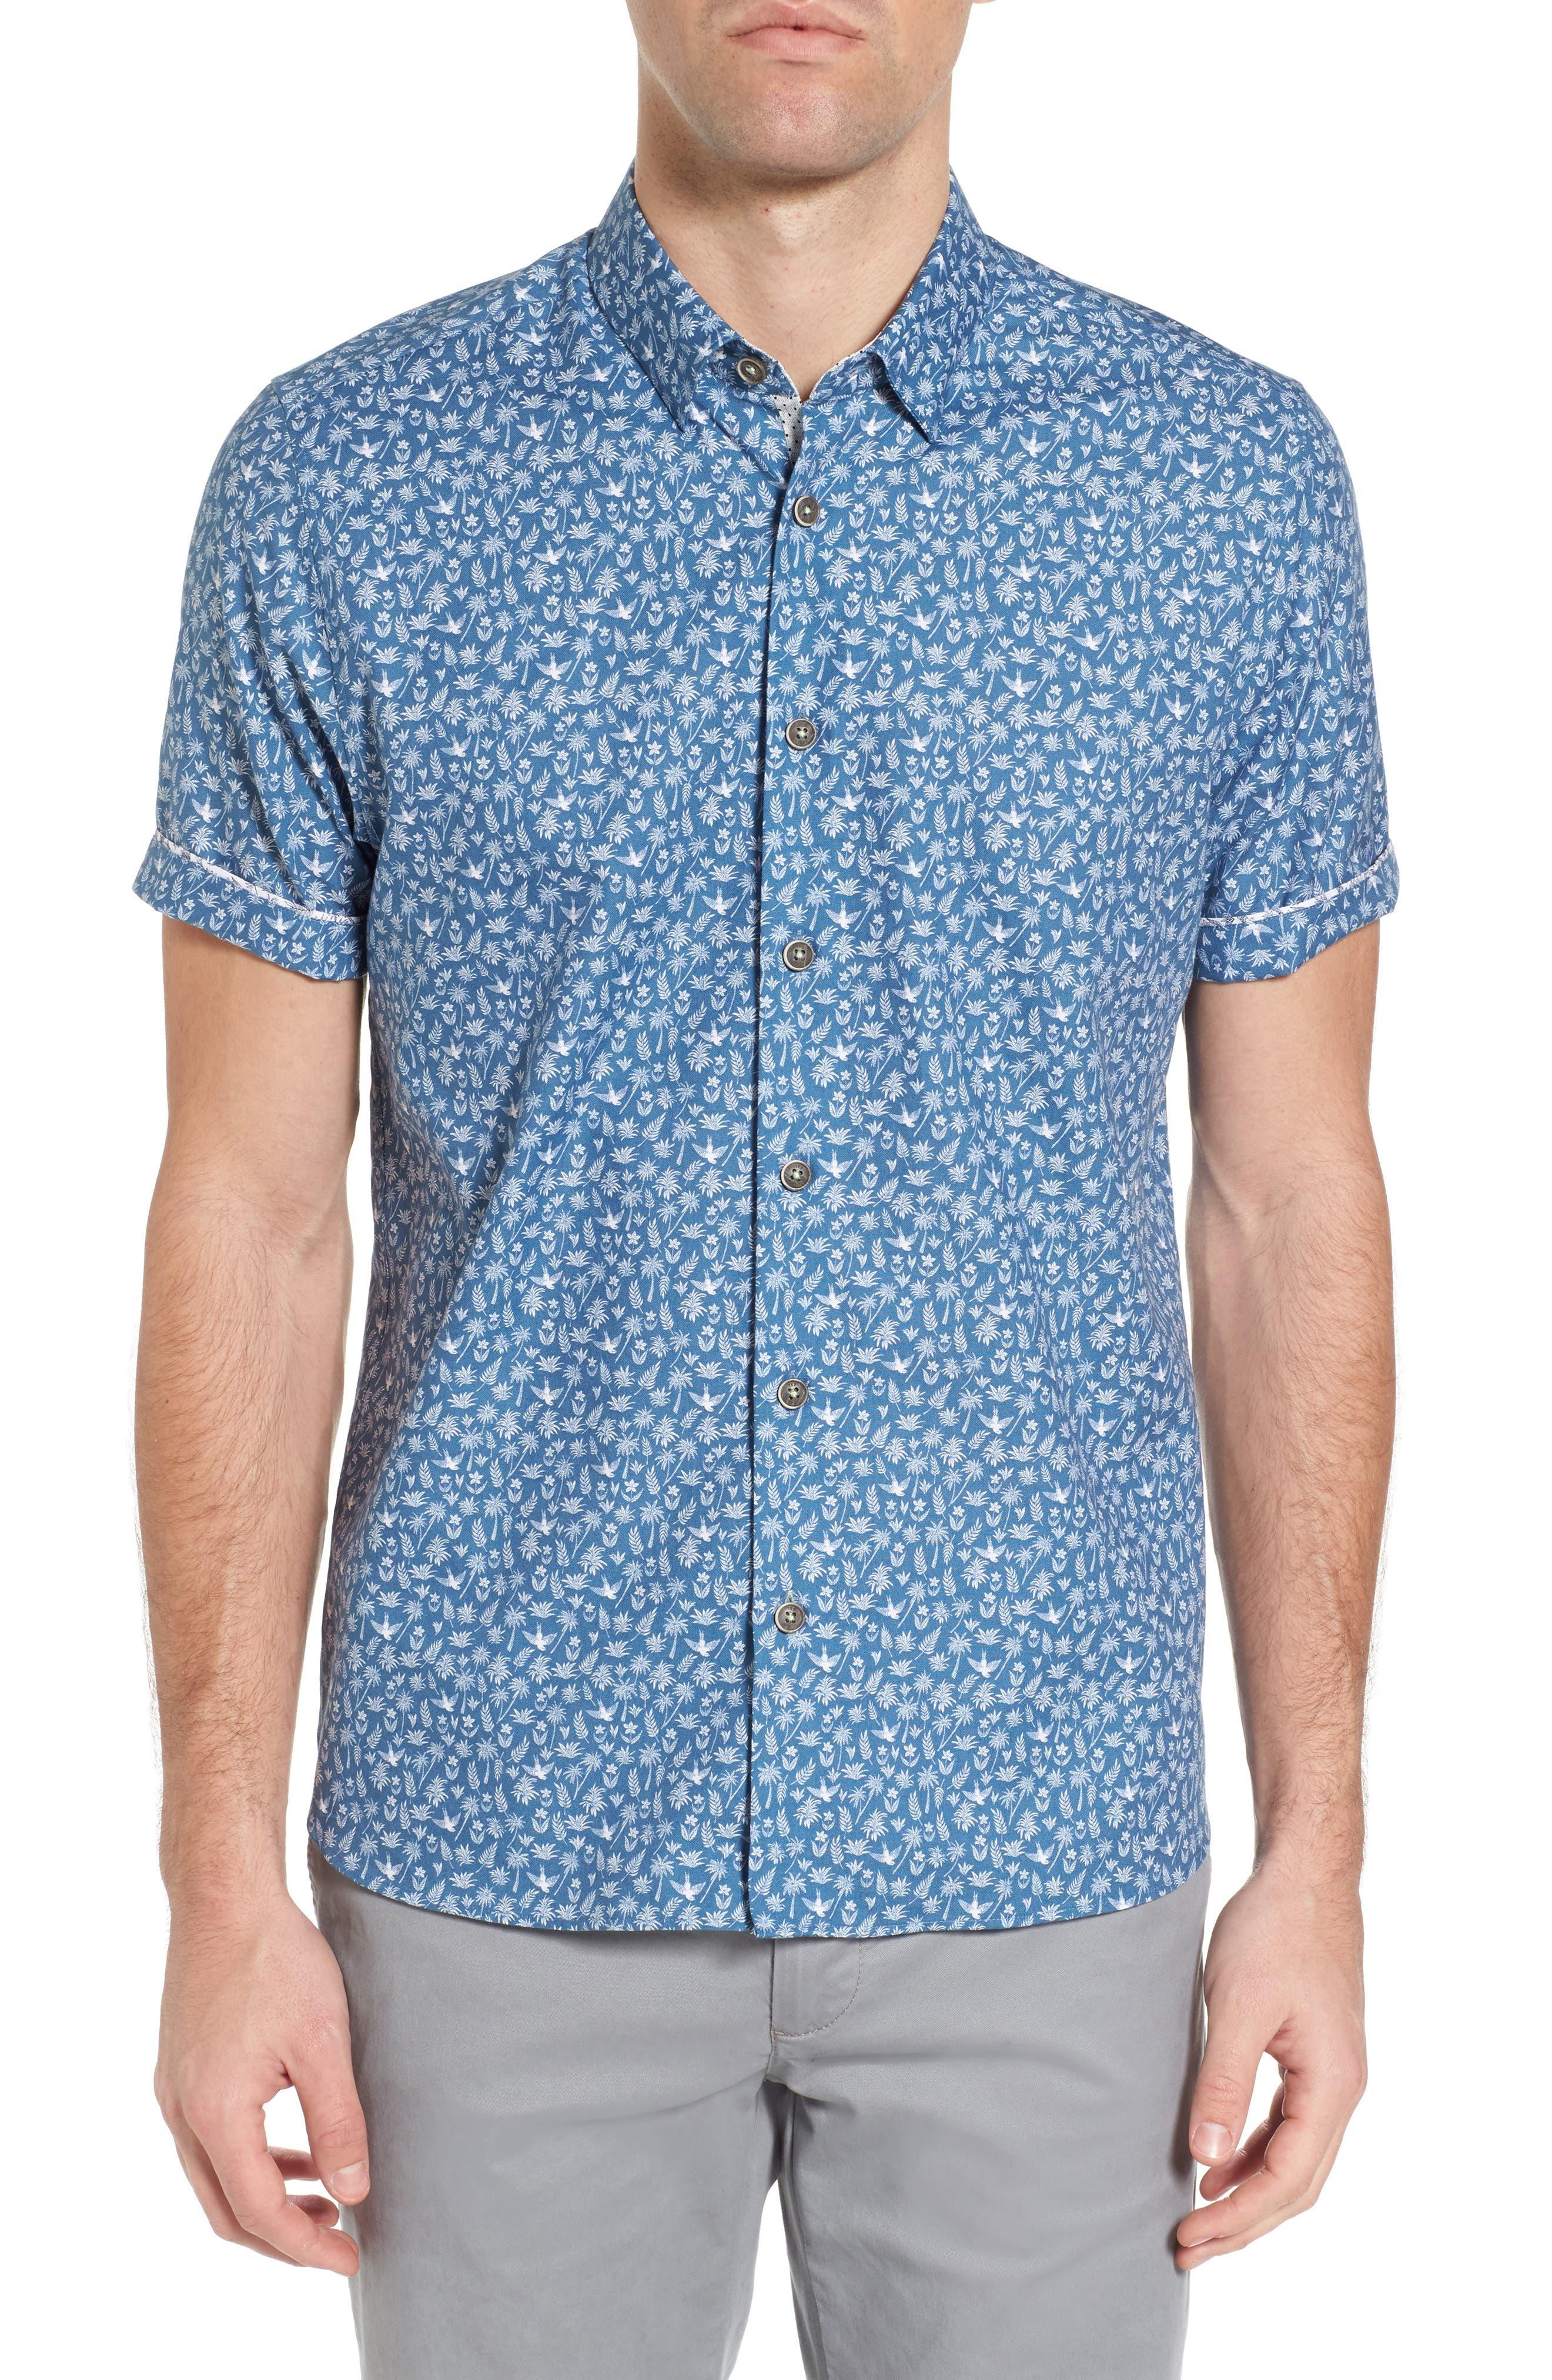 Pazta Tropic Print Shirt,                             Main thumbnail 1, color,                             400